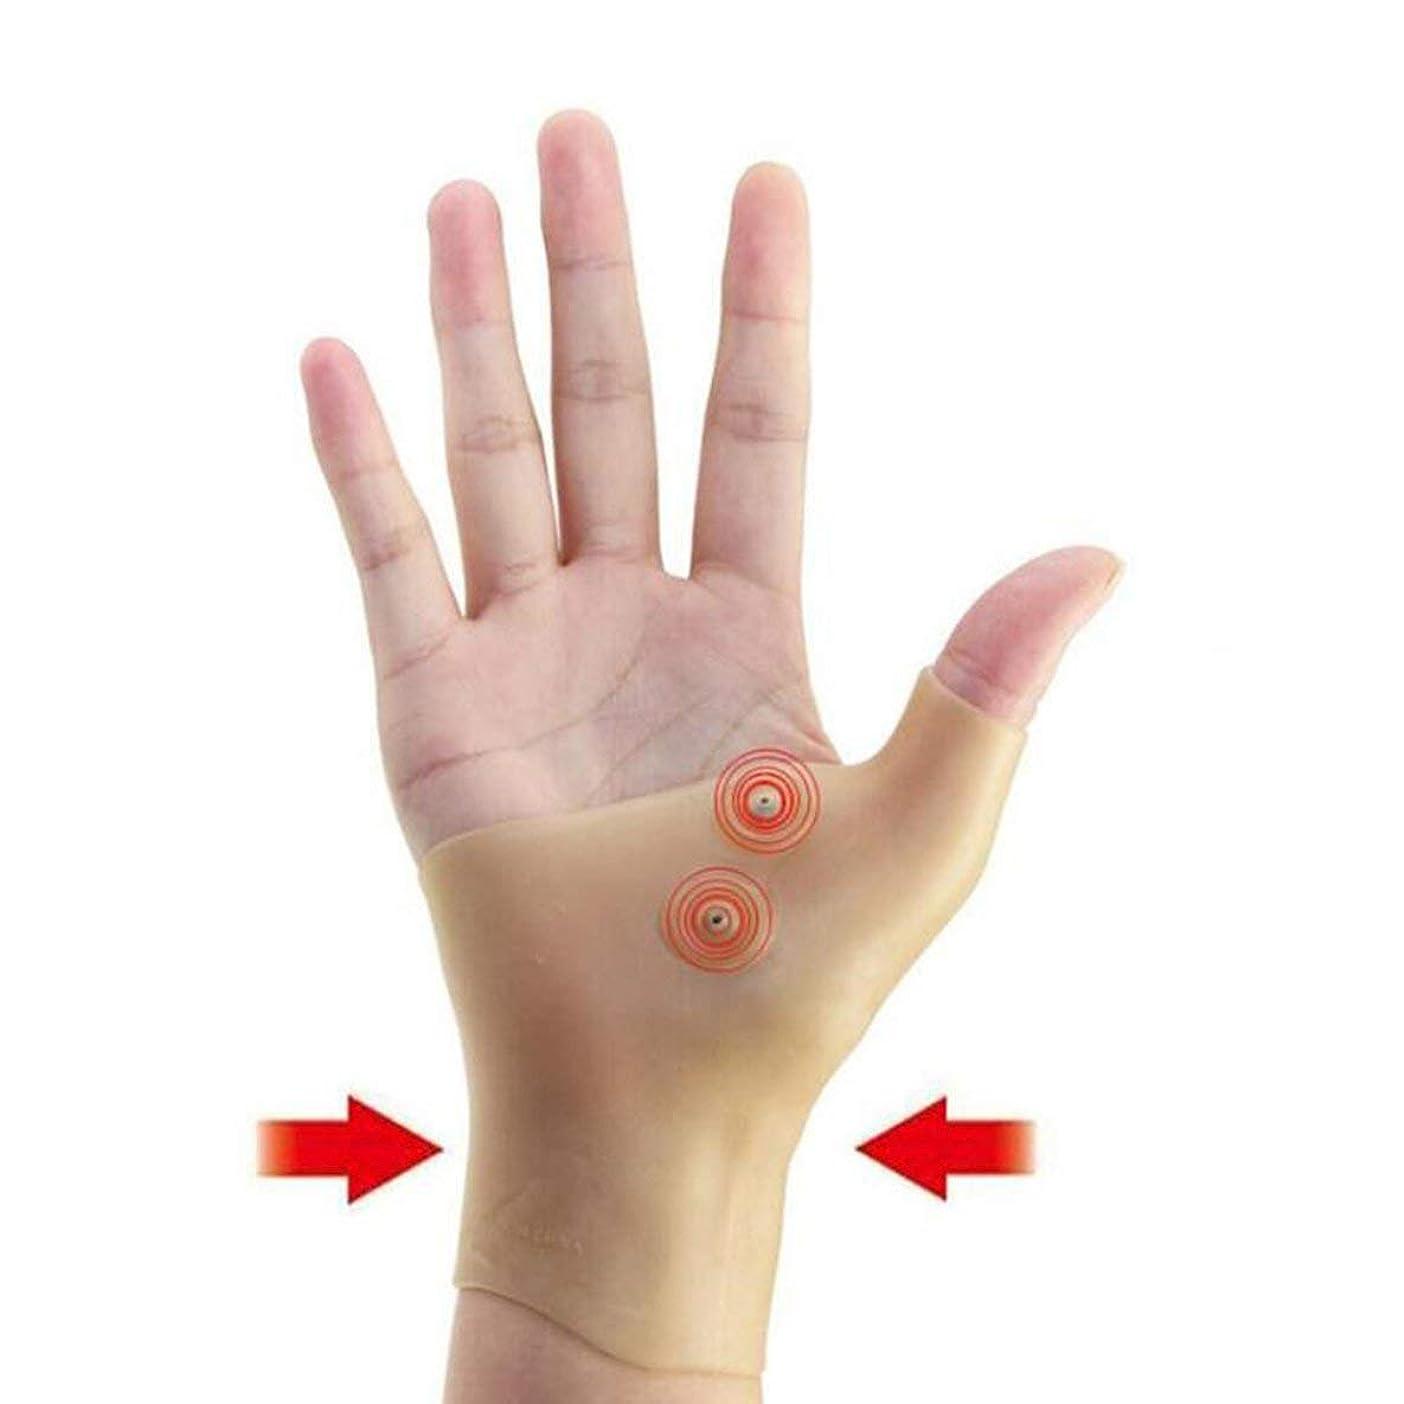 思い出す行政富磁気療法手首手親指サポート手袋シリコーンゲル関節炎圧力矯正器マッサージ痛み緩和手袋 - 肌の色